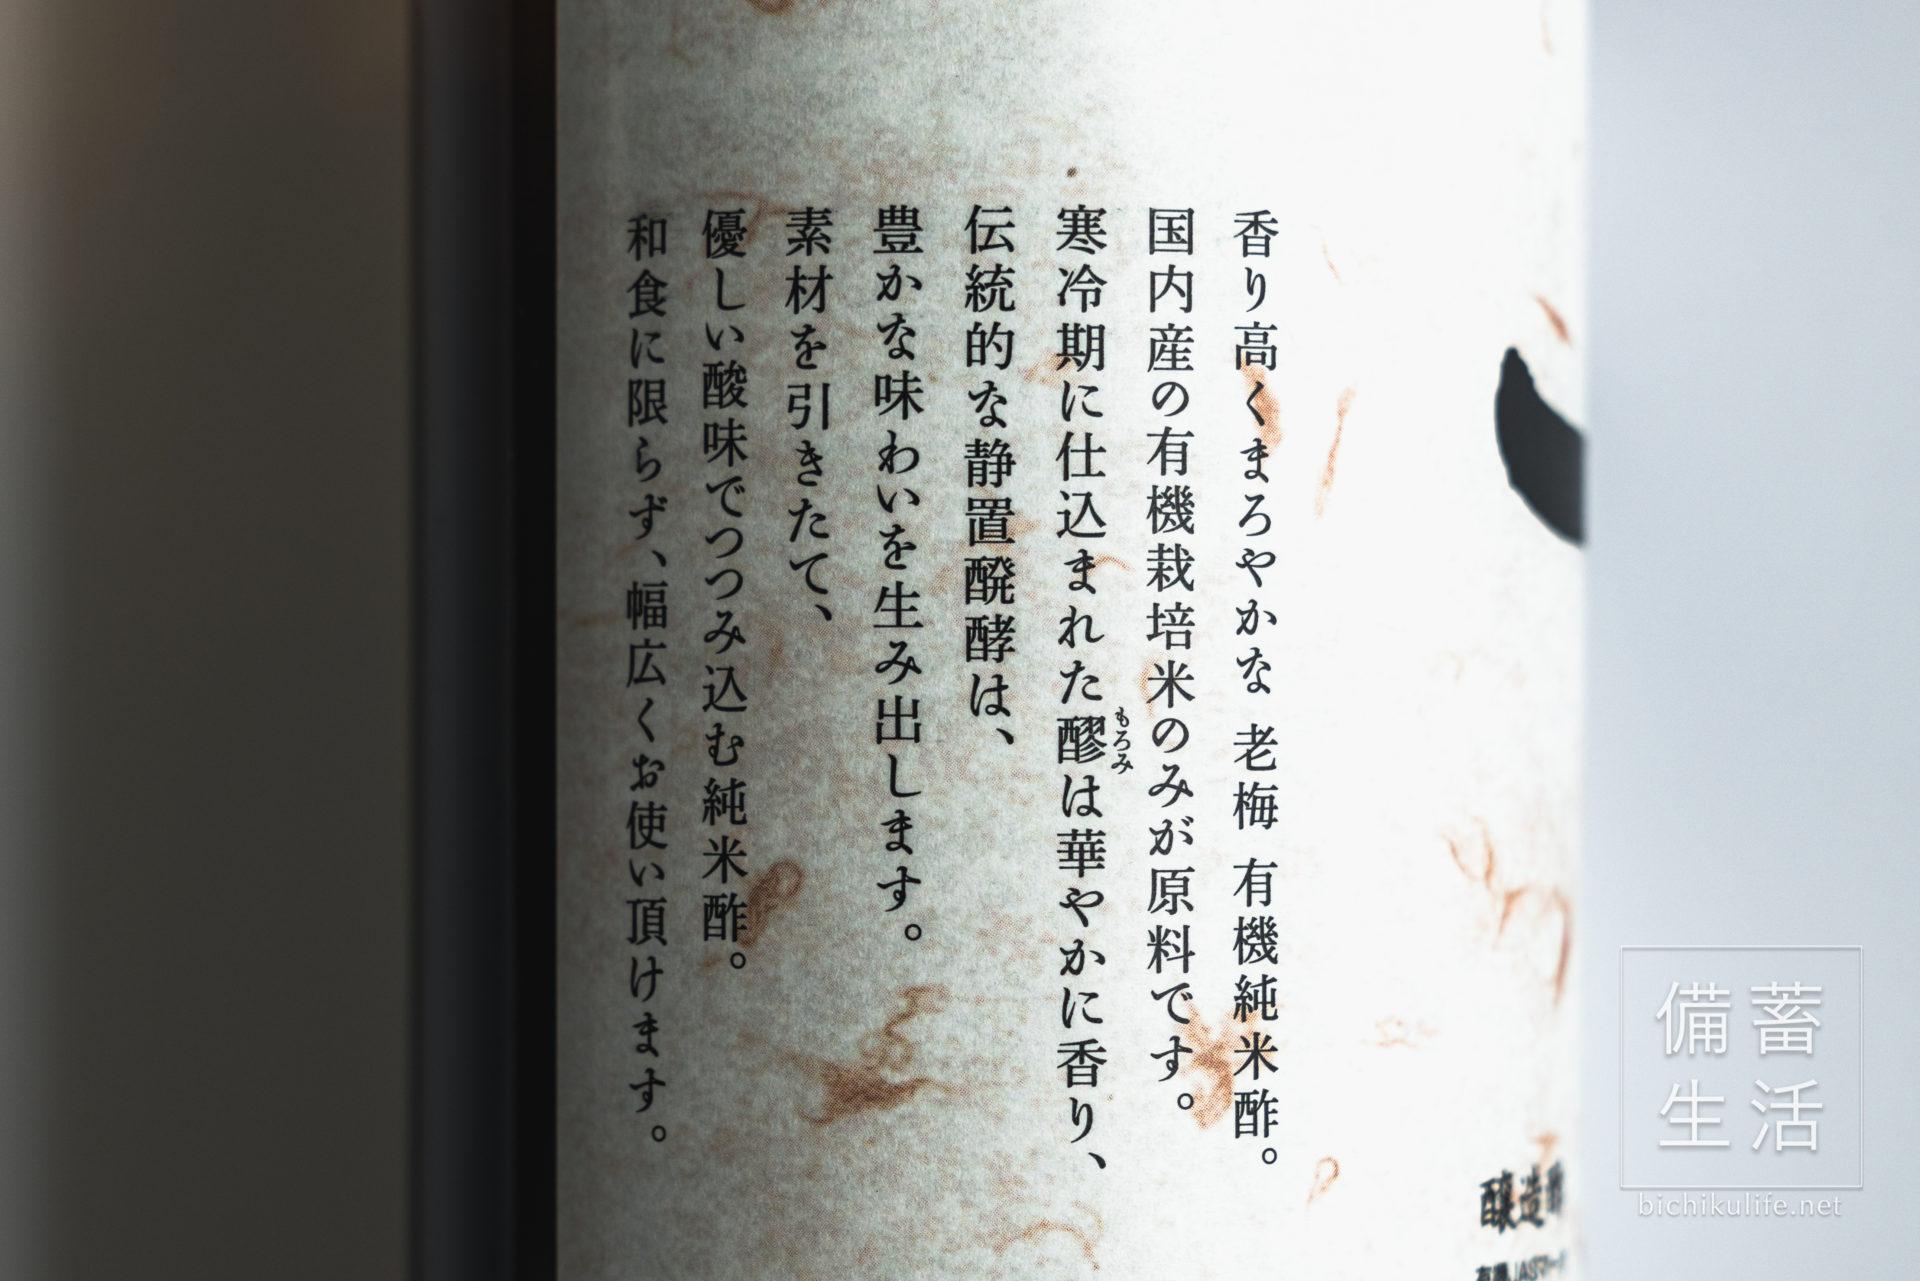 河原酢造 老梅 有機純米酢 特徴